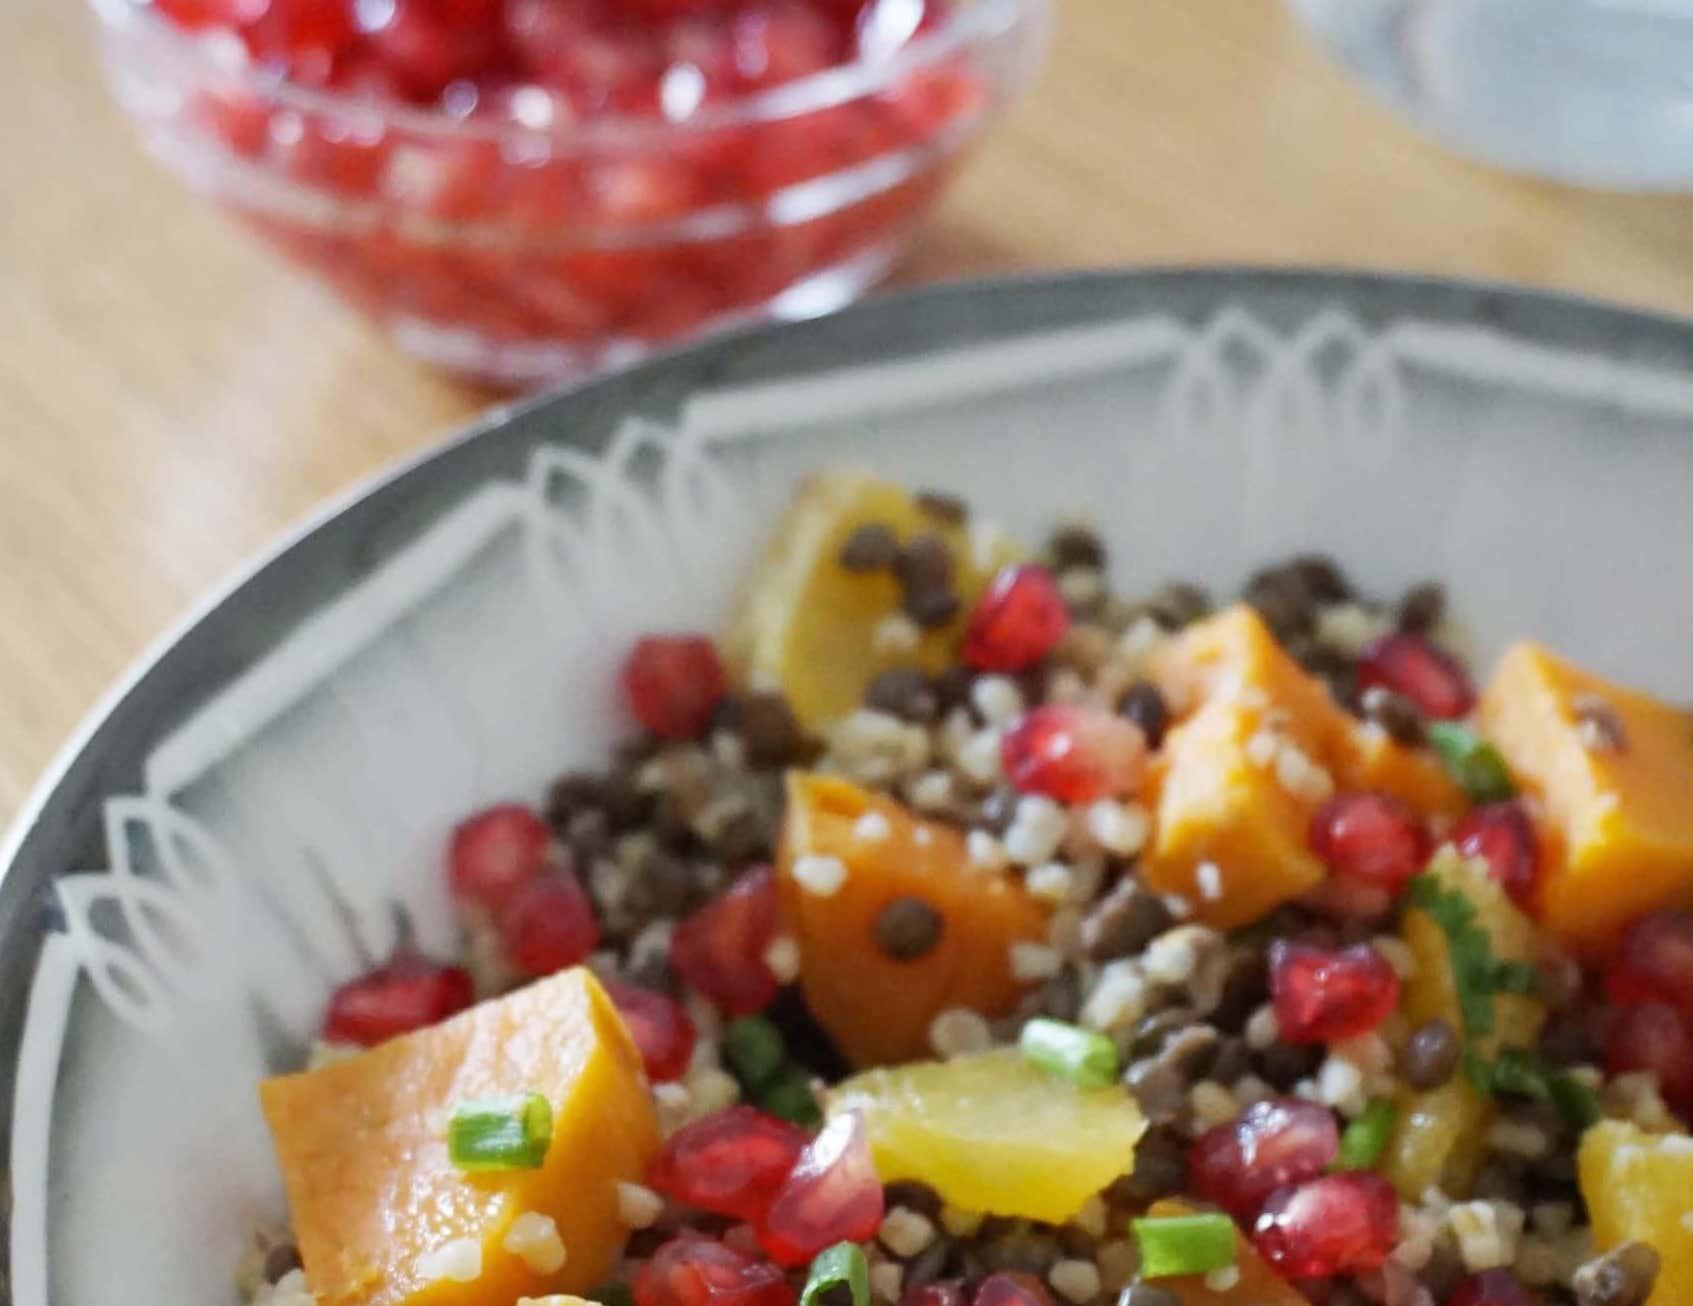 Recette végétarienne : Le bouddha bol détox - Blog cuisine